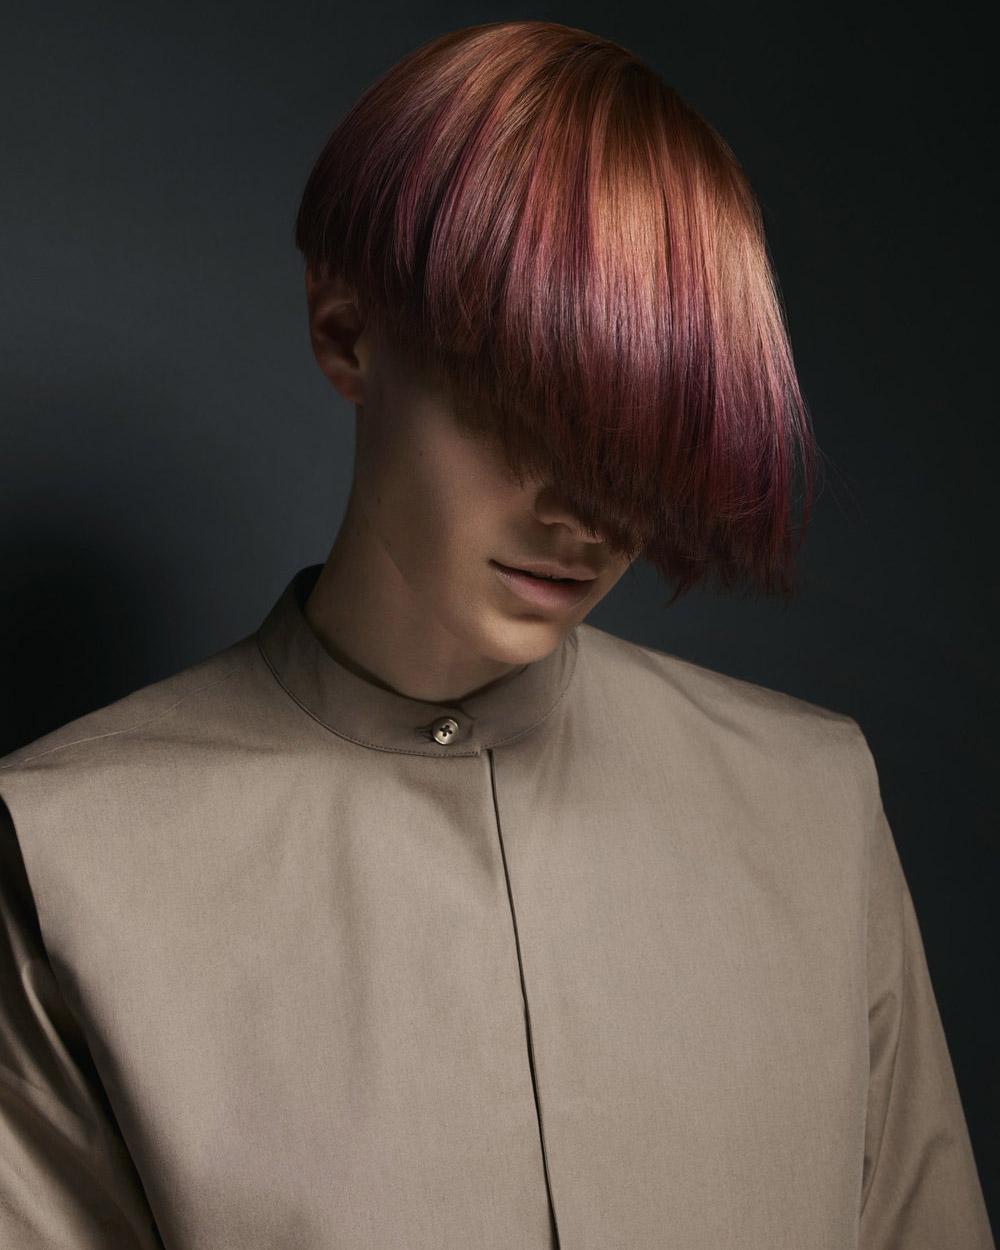 Jack_Eames_Hair_Colour_London_Shot_03.jpg